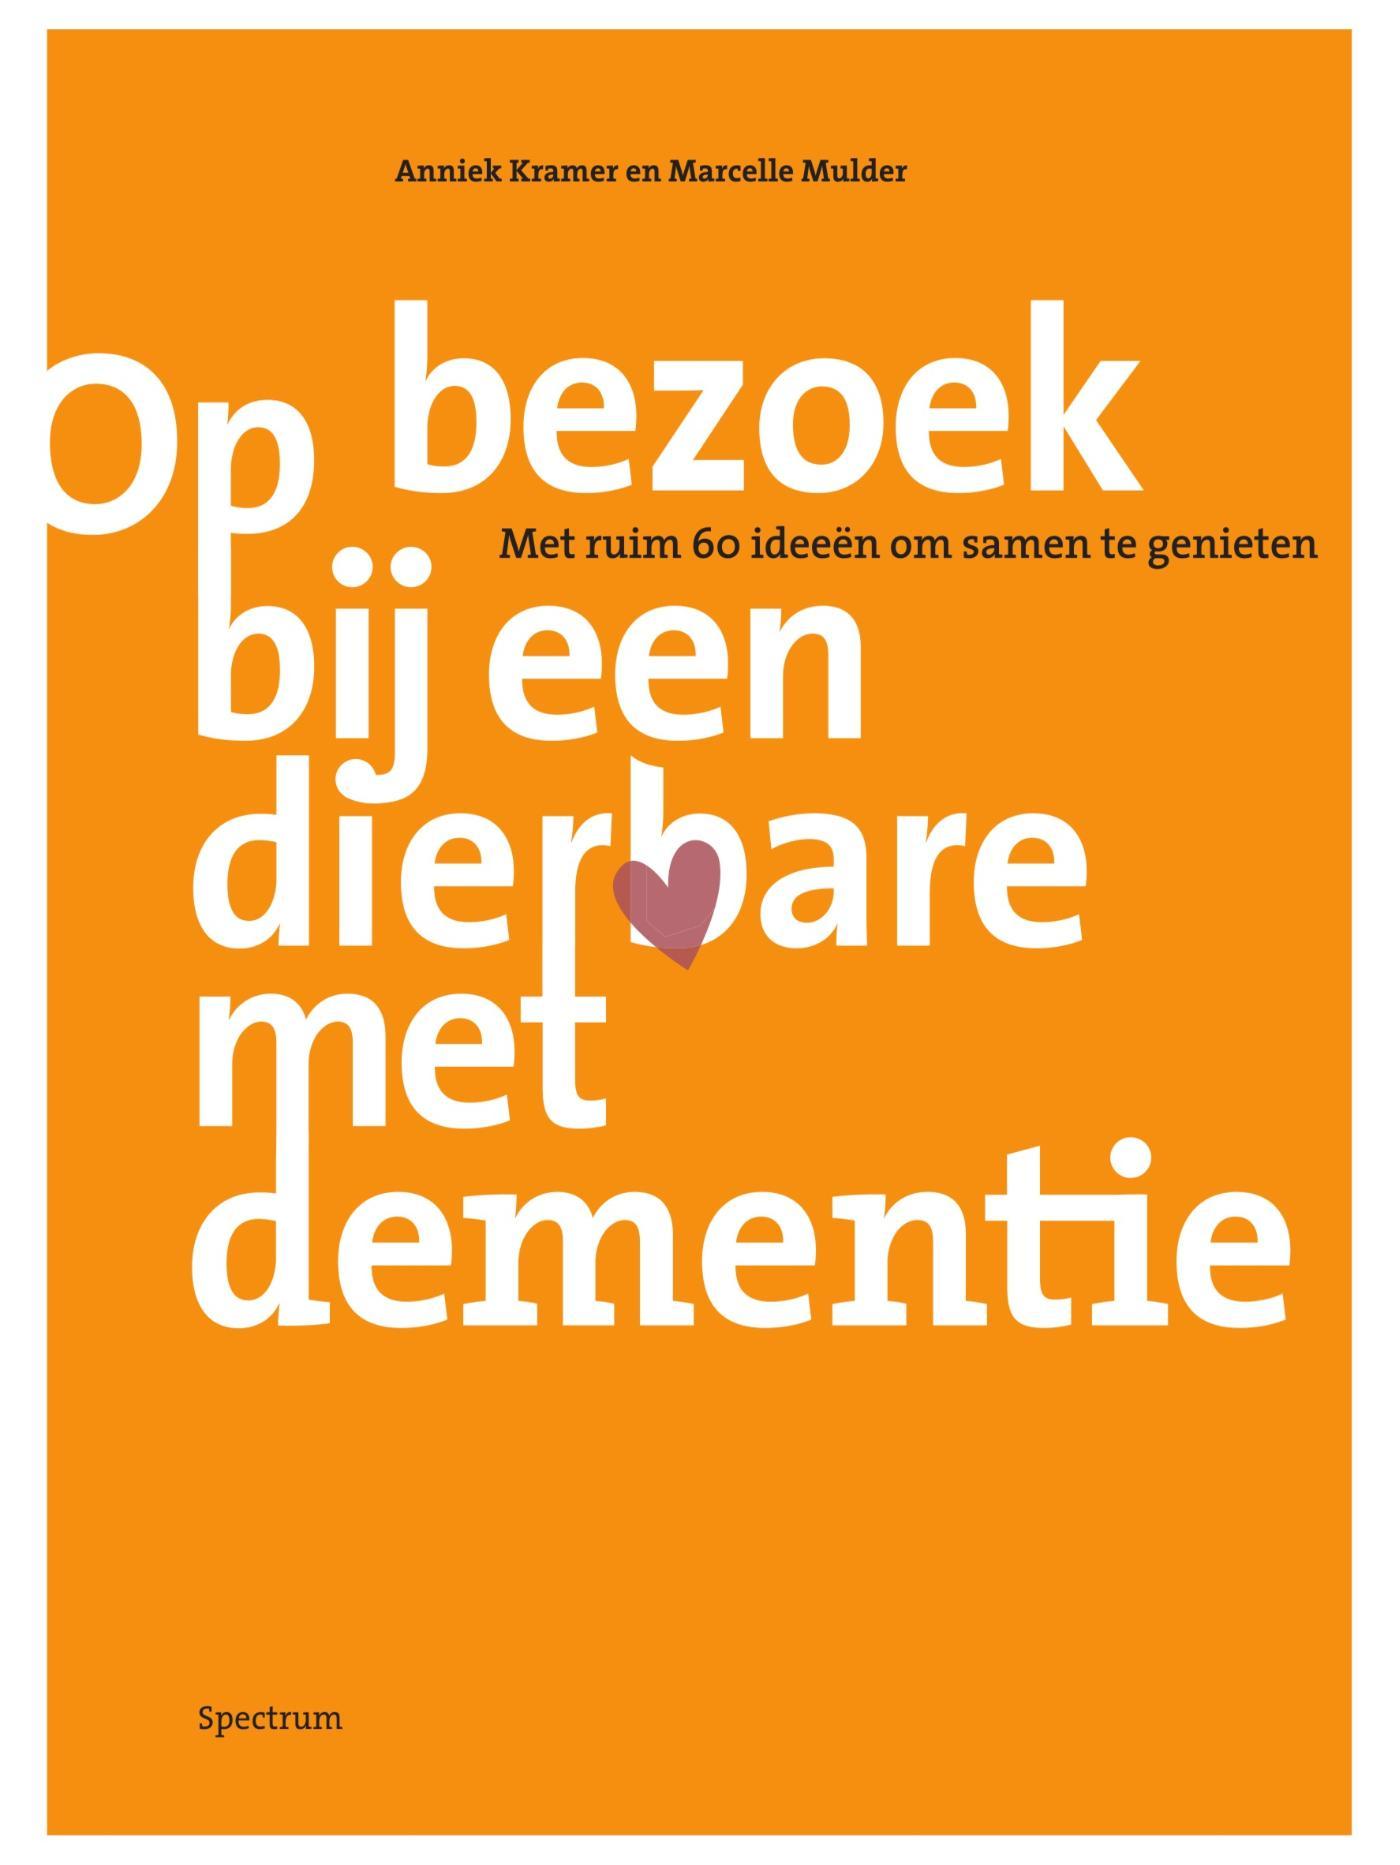 Boek Op Bezoek Bij Een Dierbare Met Dementie Geschreven